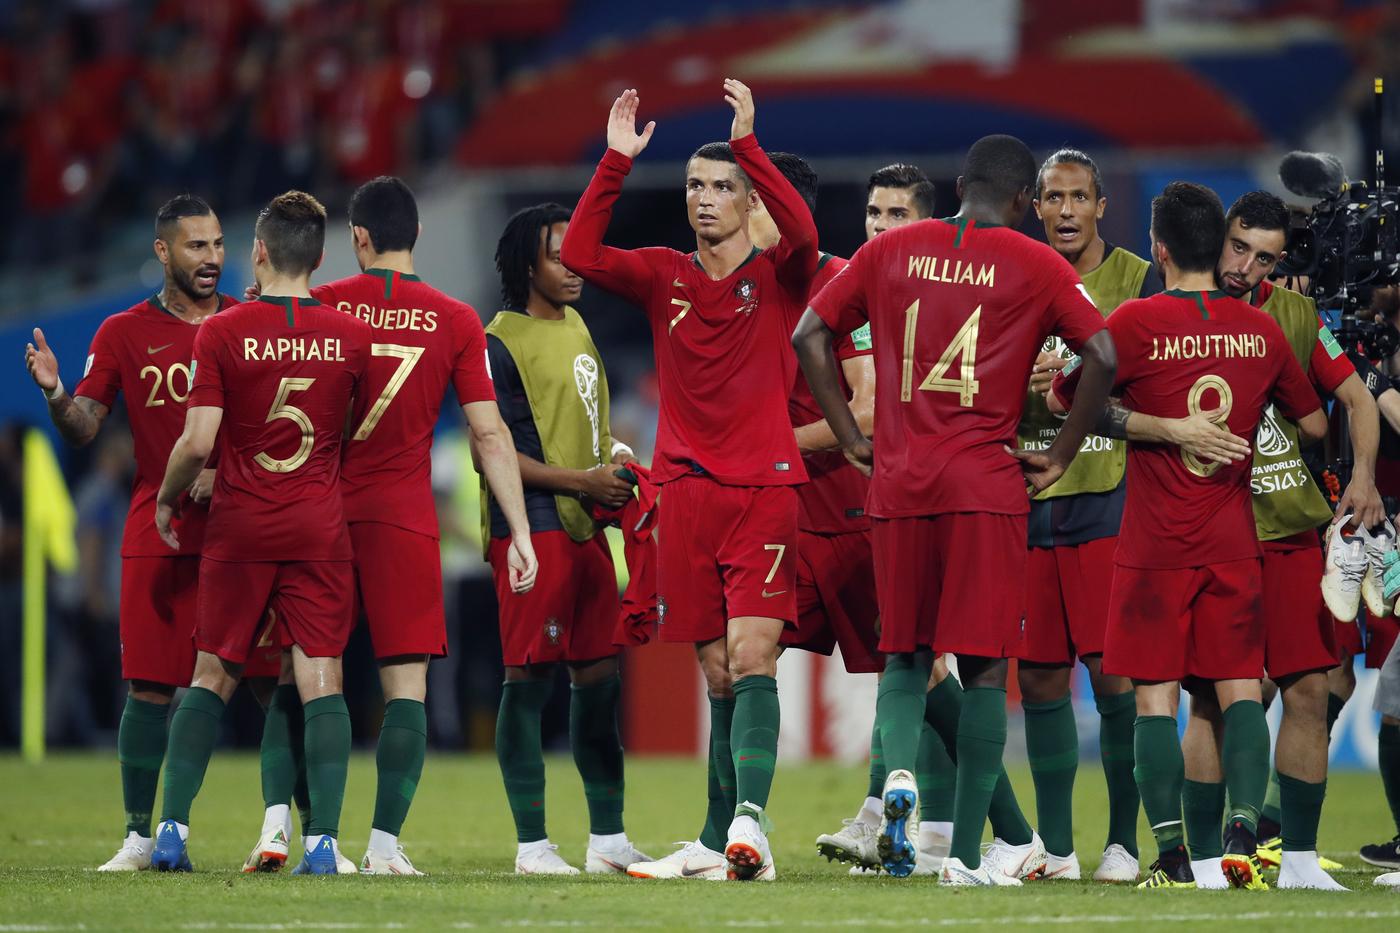 Amichevole, Portogallo-Croazia giovedì 6 settembre: analisi e pronsotico del super big match amichevole tra lusitani e balcanici